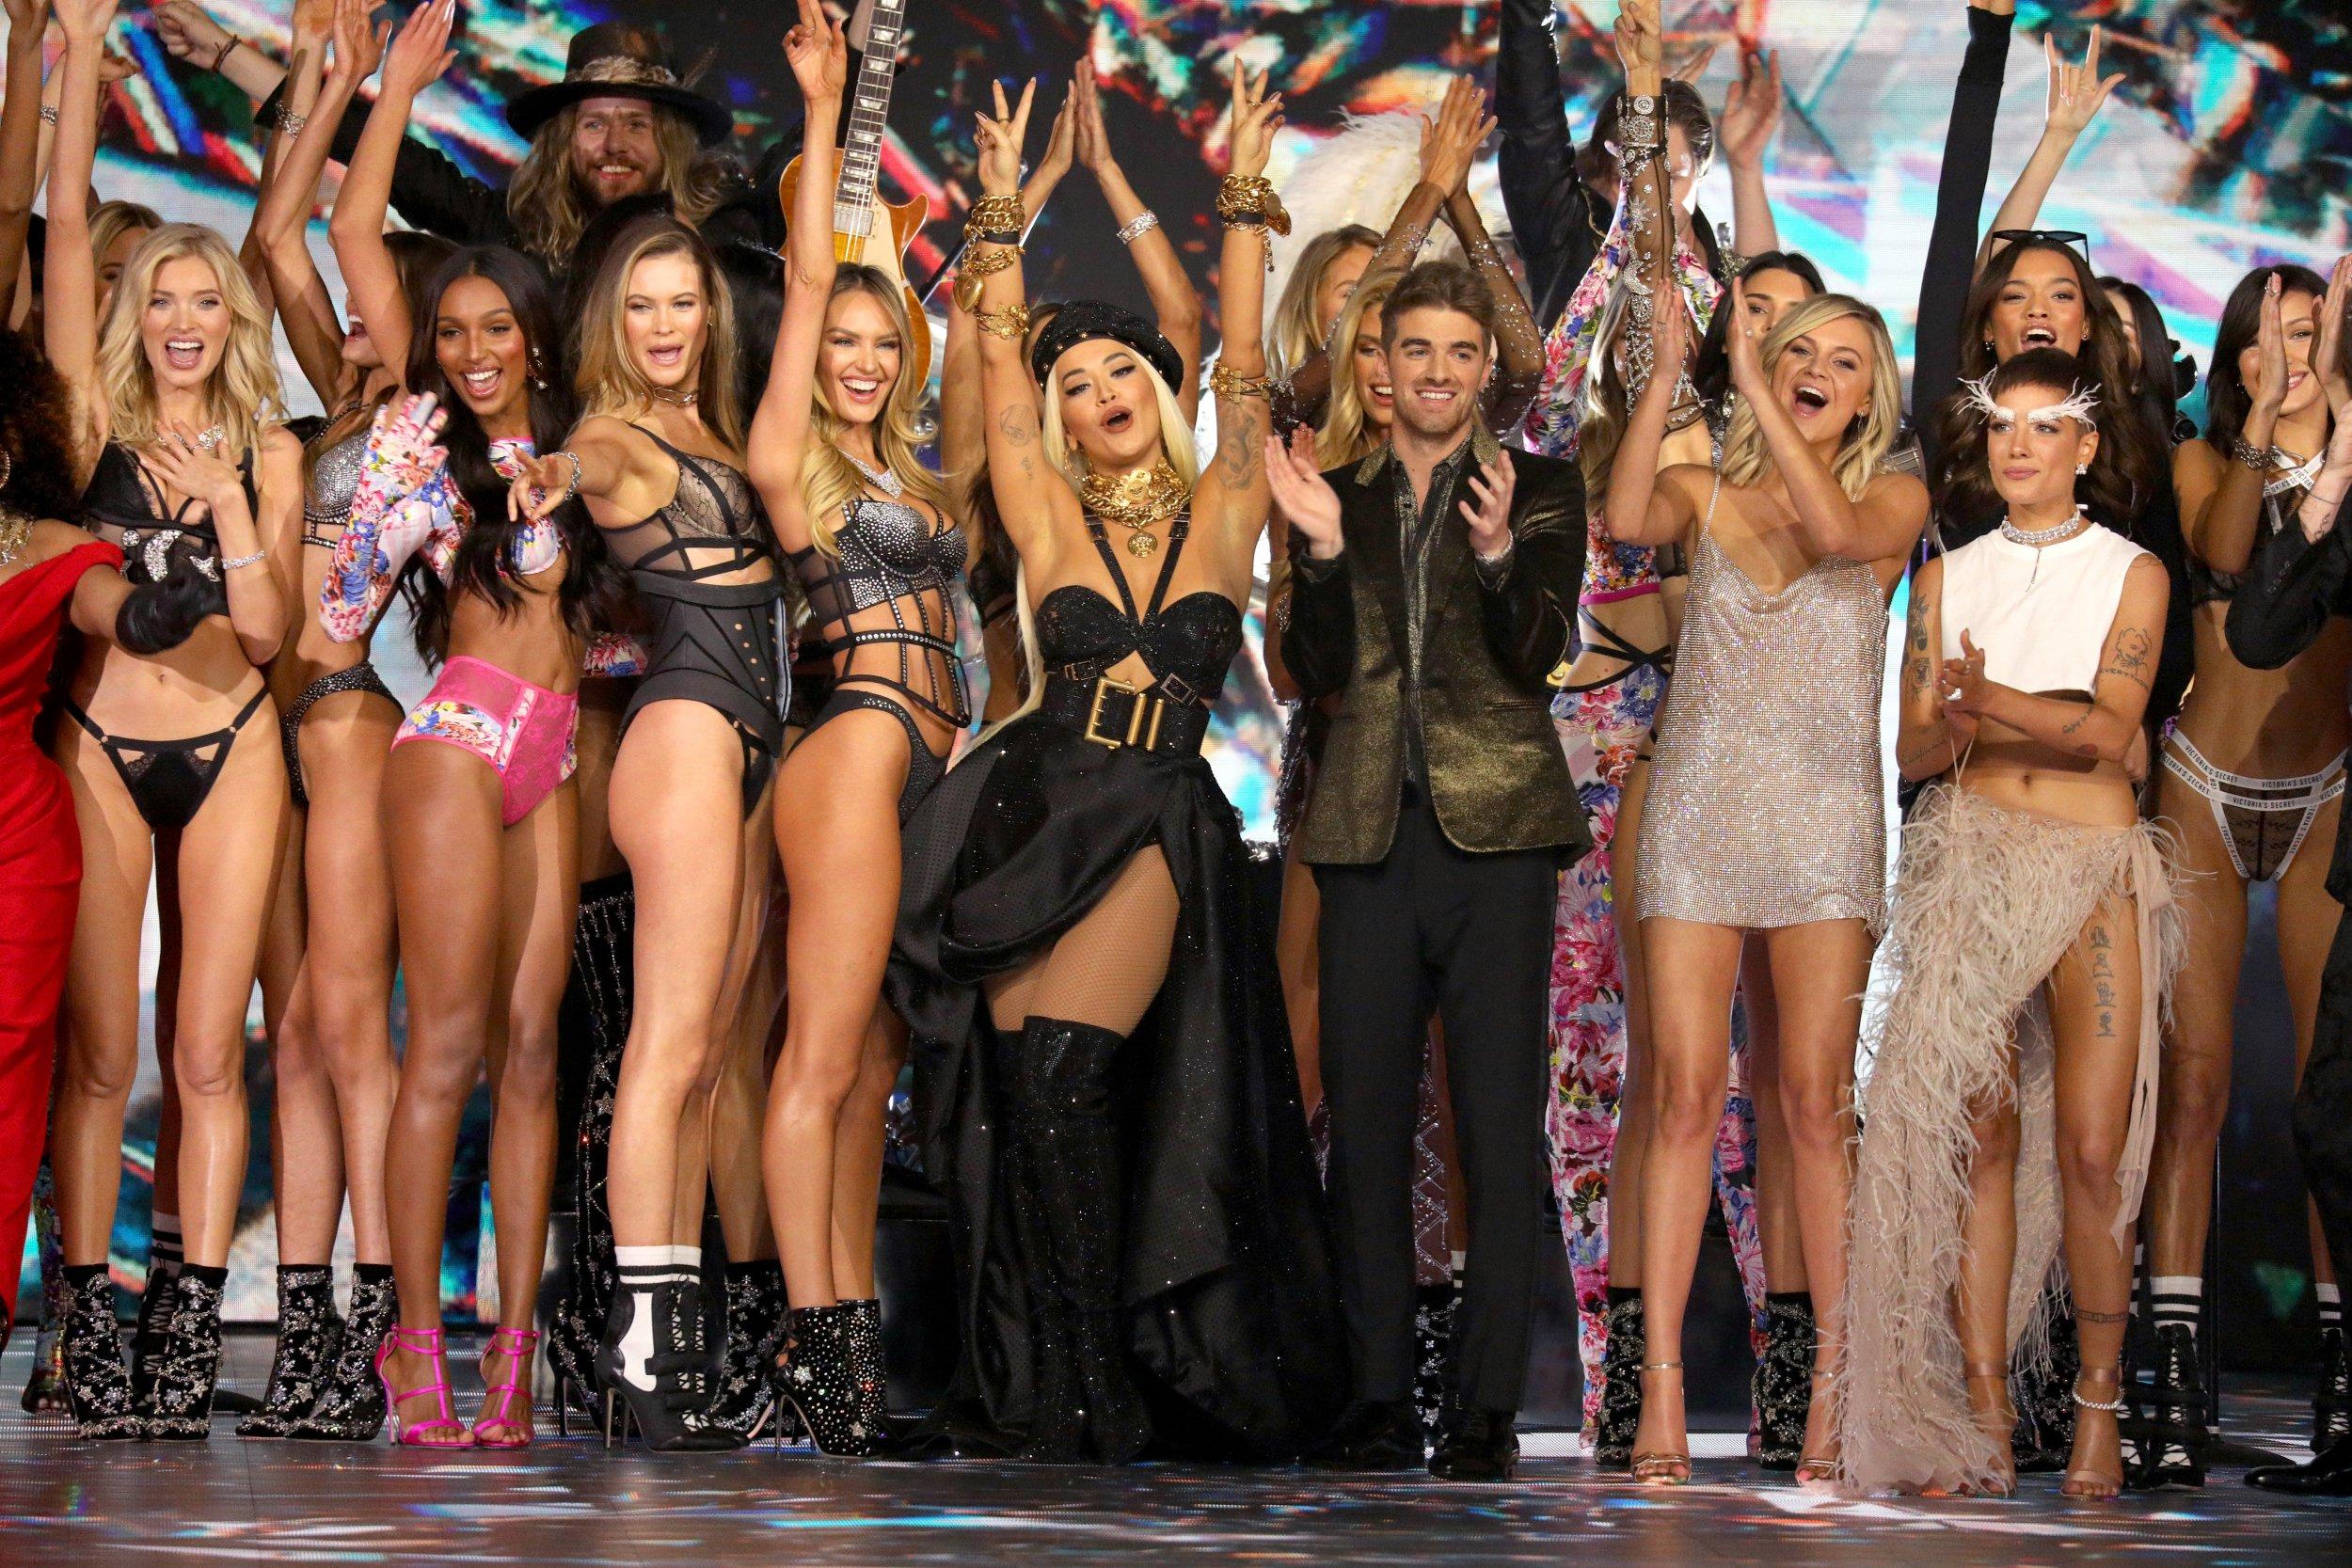 90d26afeeffb2 Victoria's Secret Fashion Show Live Stream 2018: How to Watch Online ...